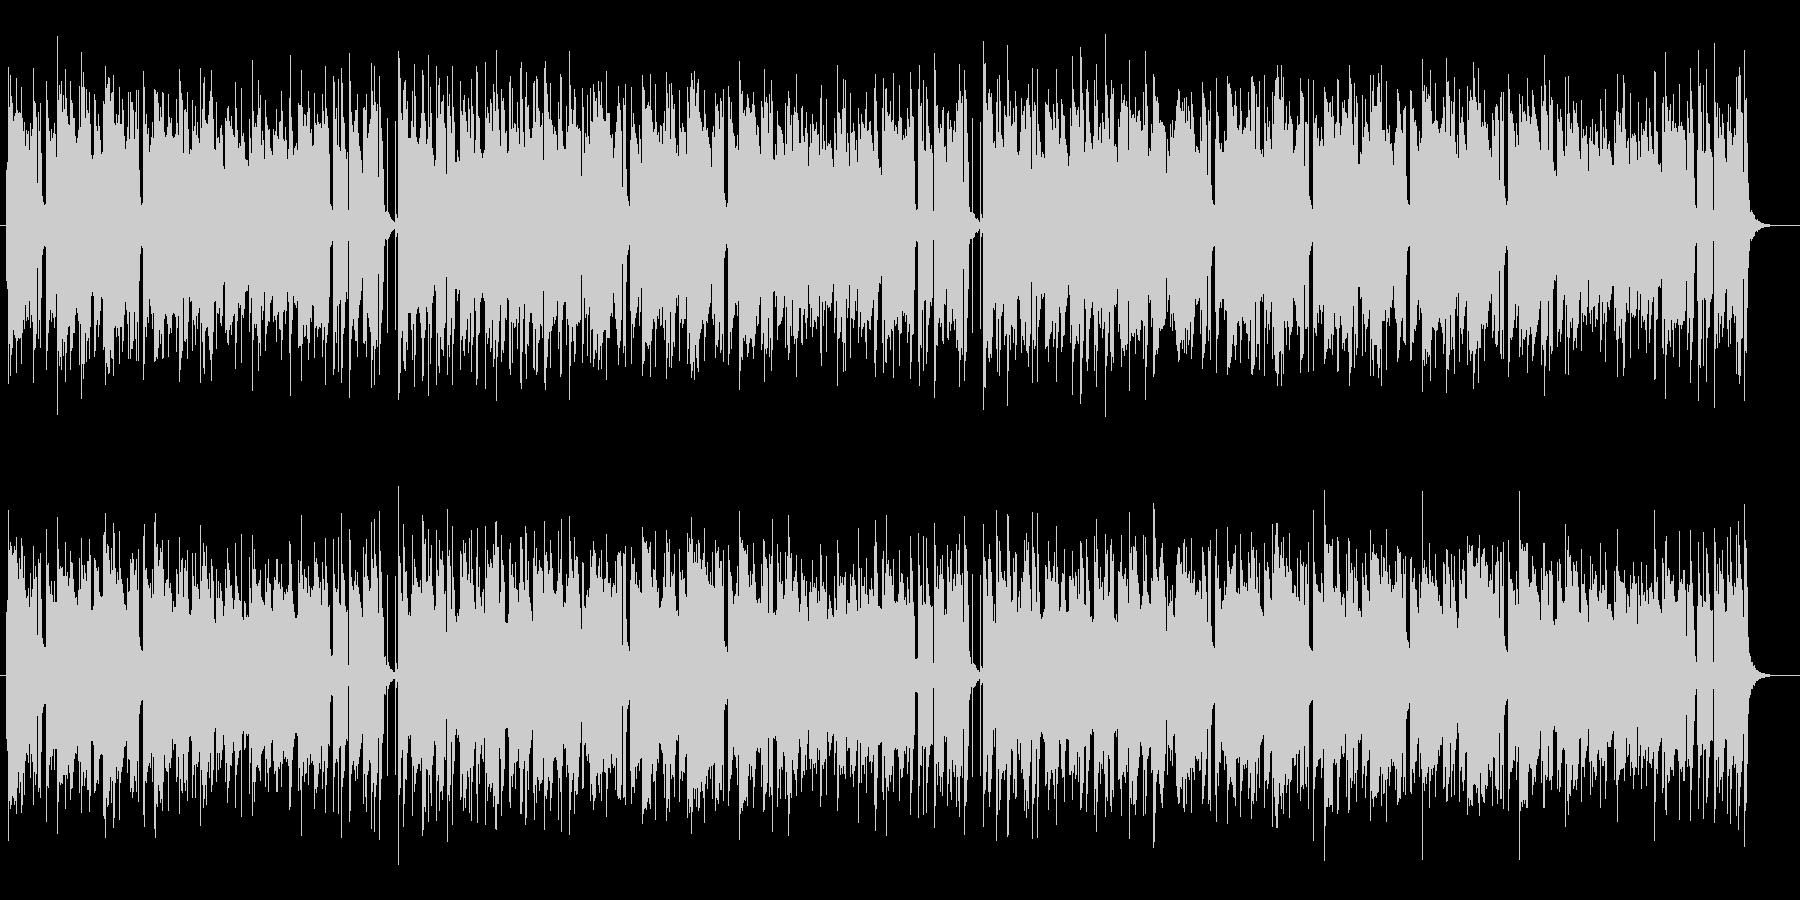 しっとり落ち着きのあるスローテンポの曲の未再生の波形